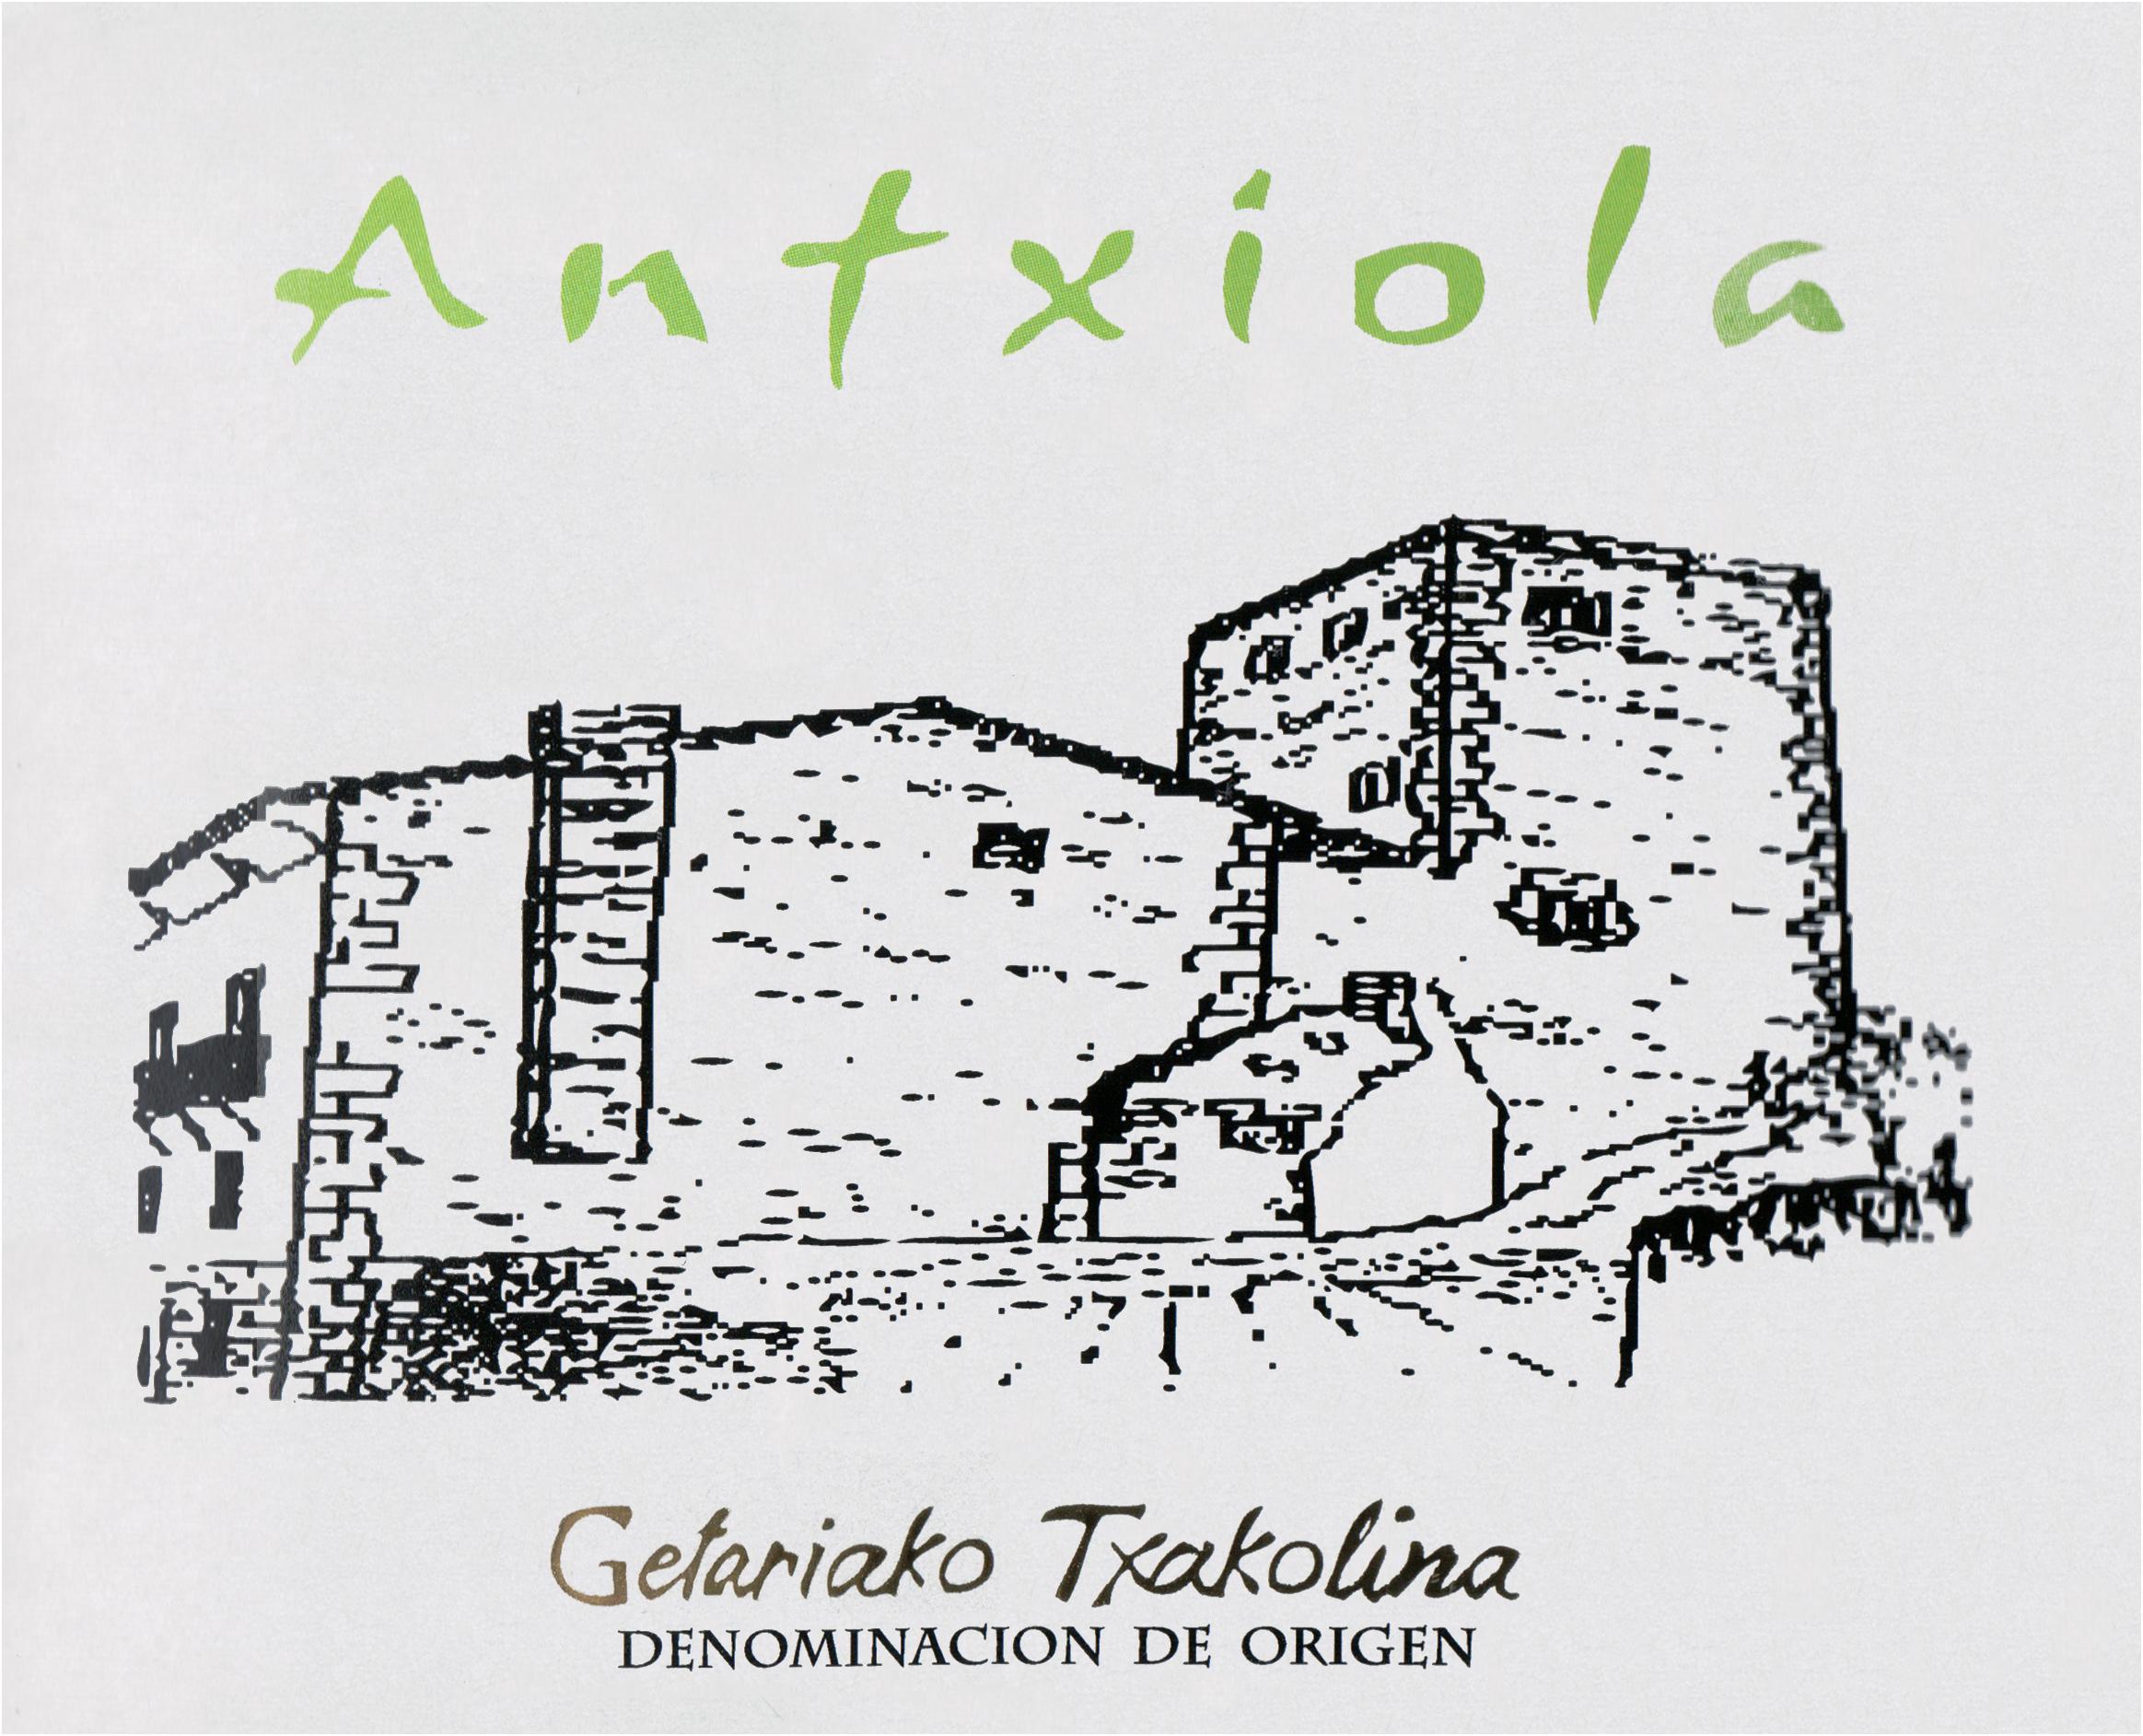 Antxiola Getariako Txakolina 2019